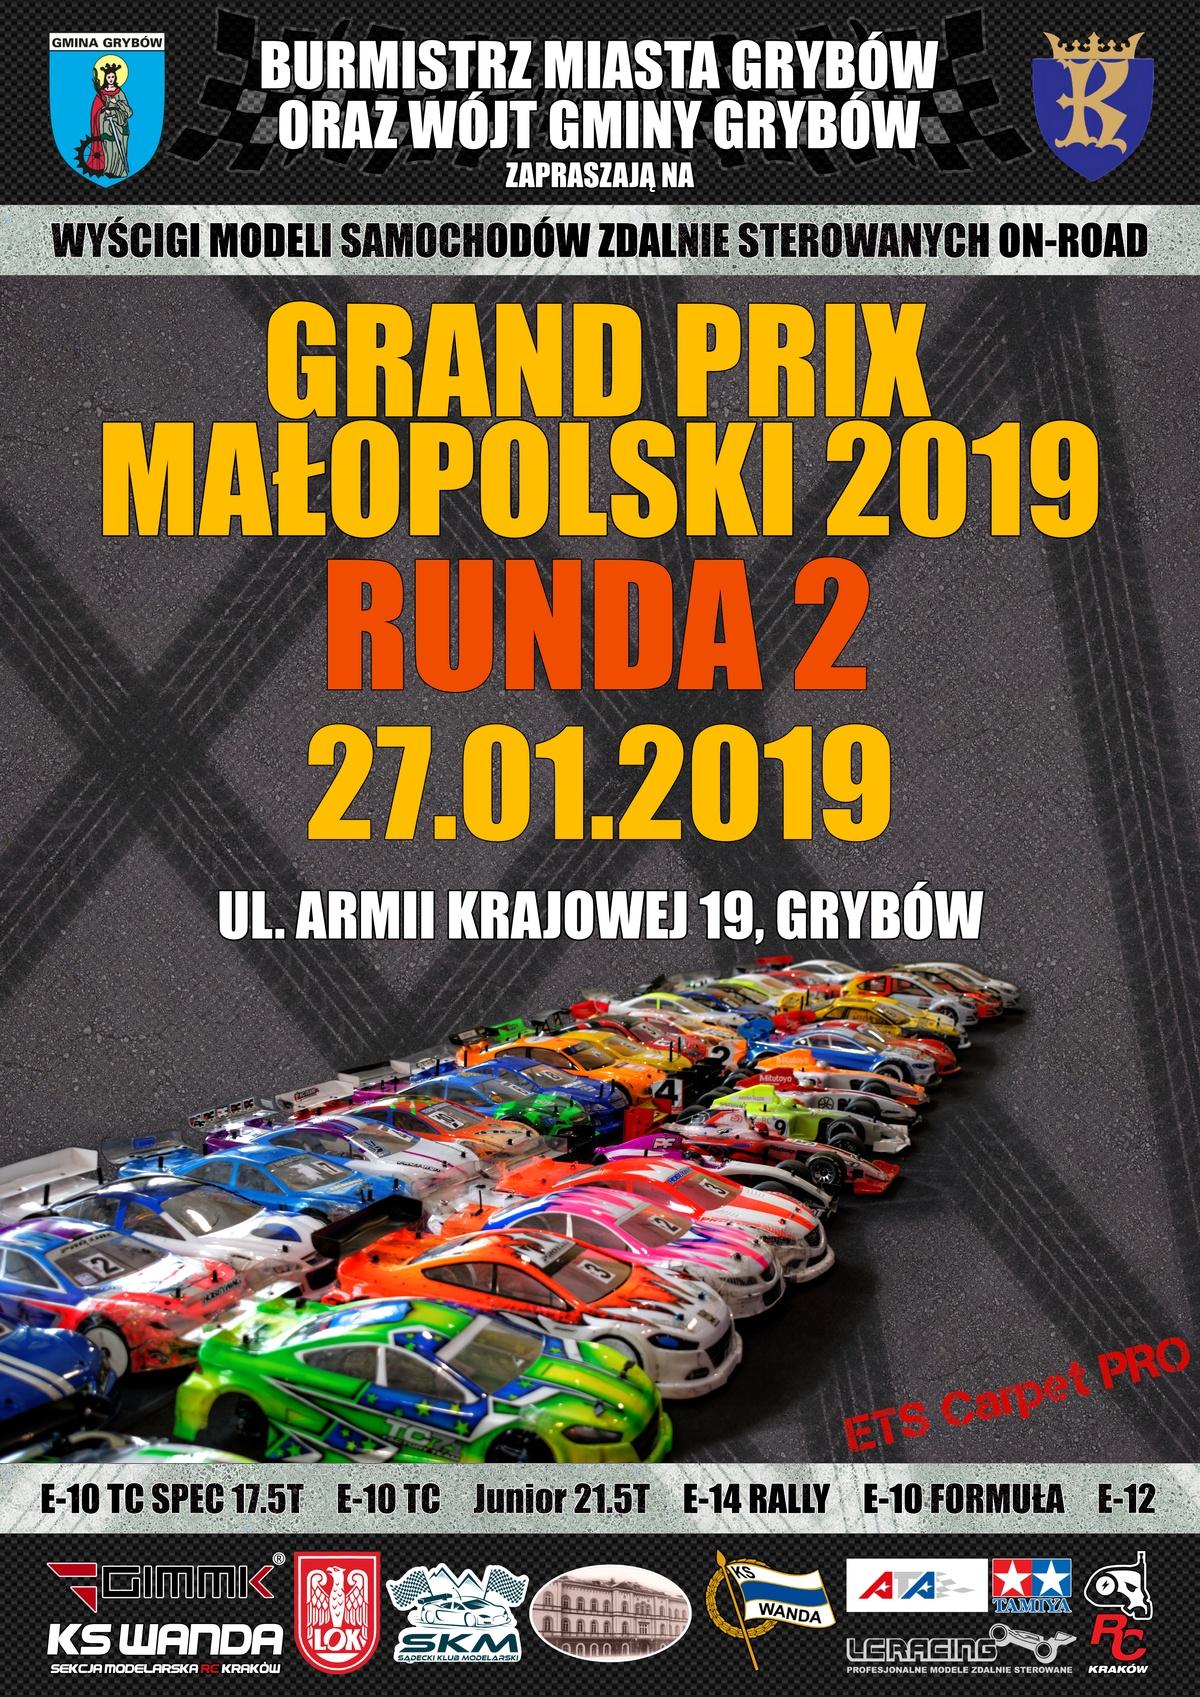 Plakat: GRAND PRIX Małopolski 2019 - Runda 2